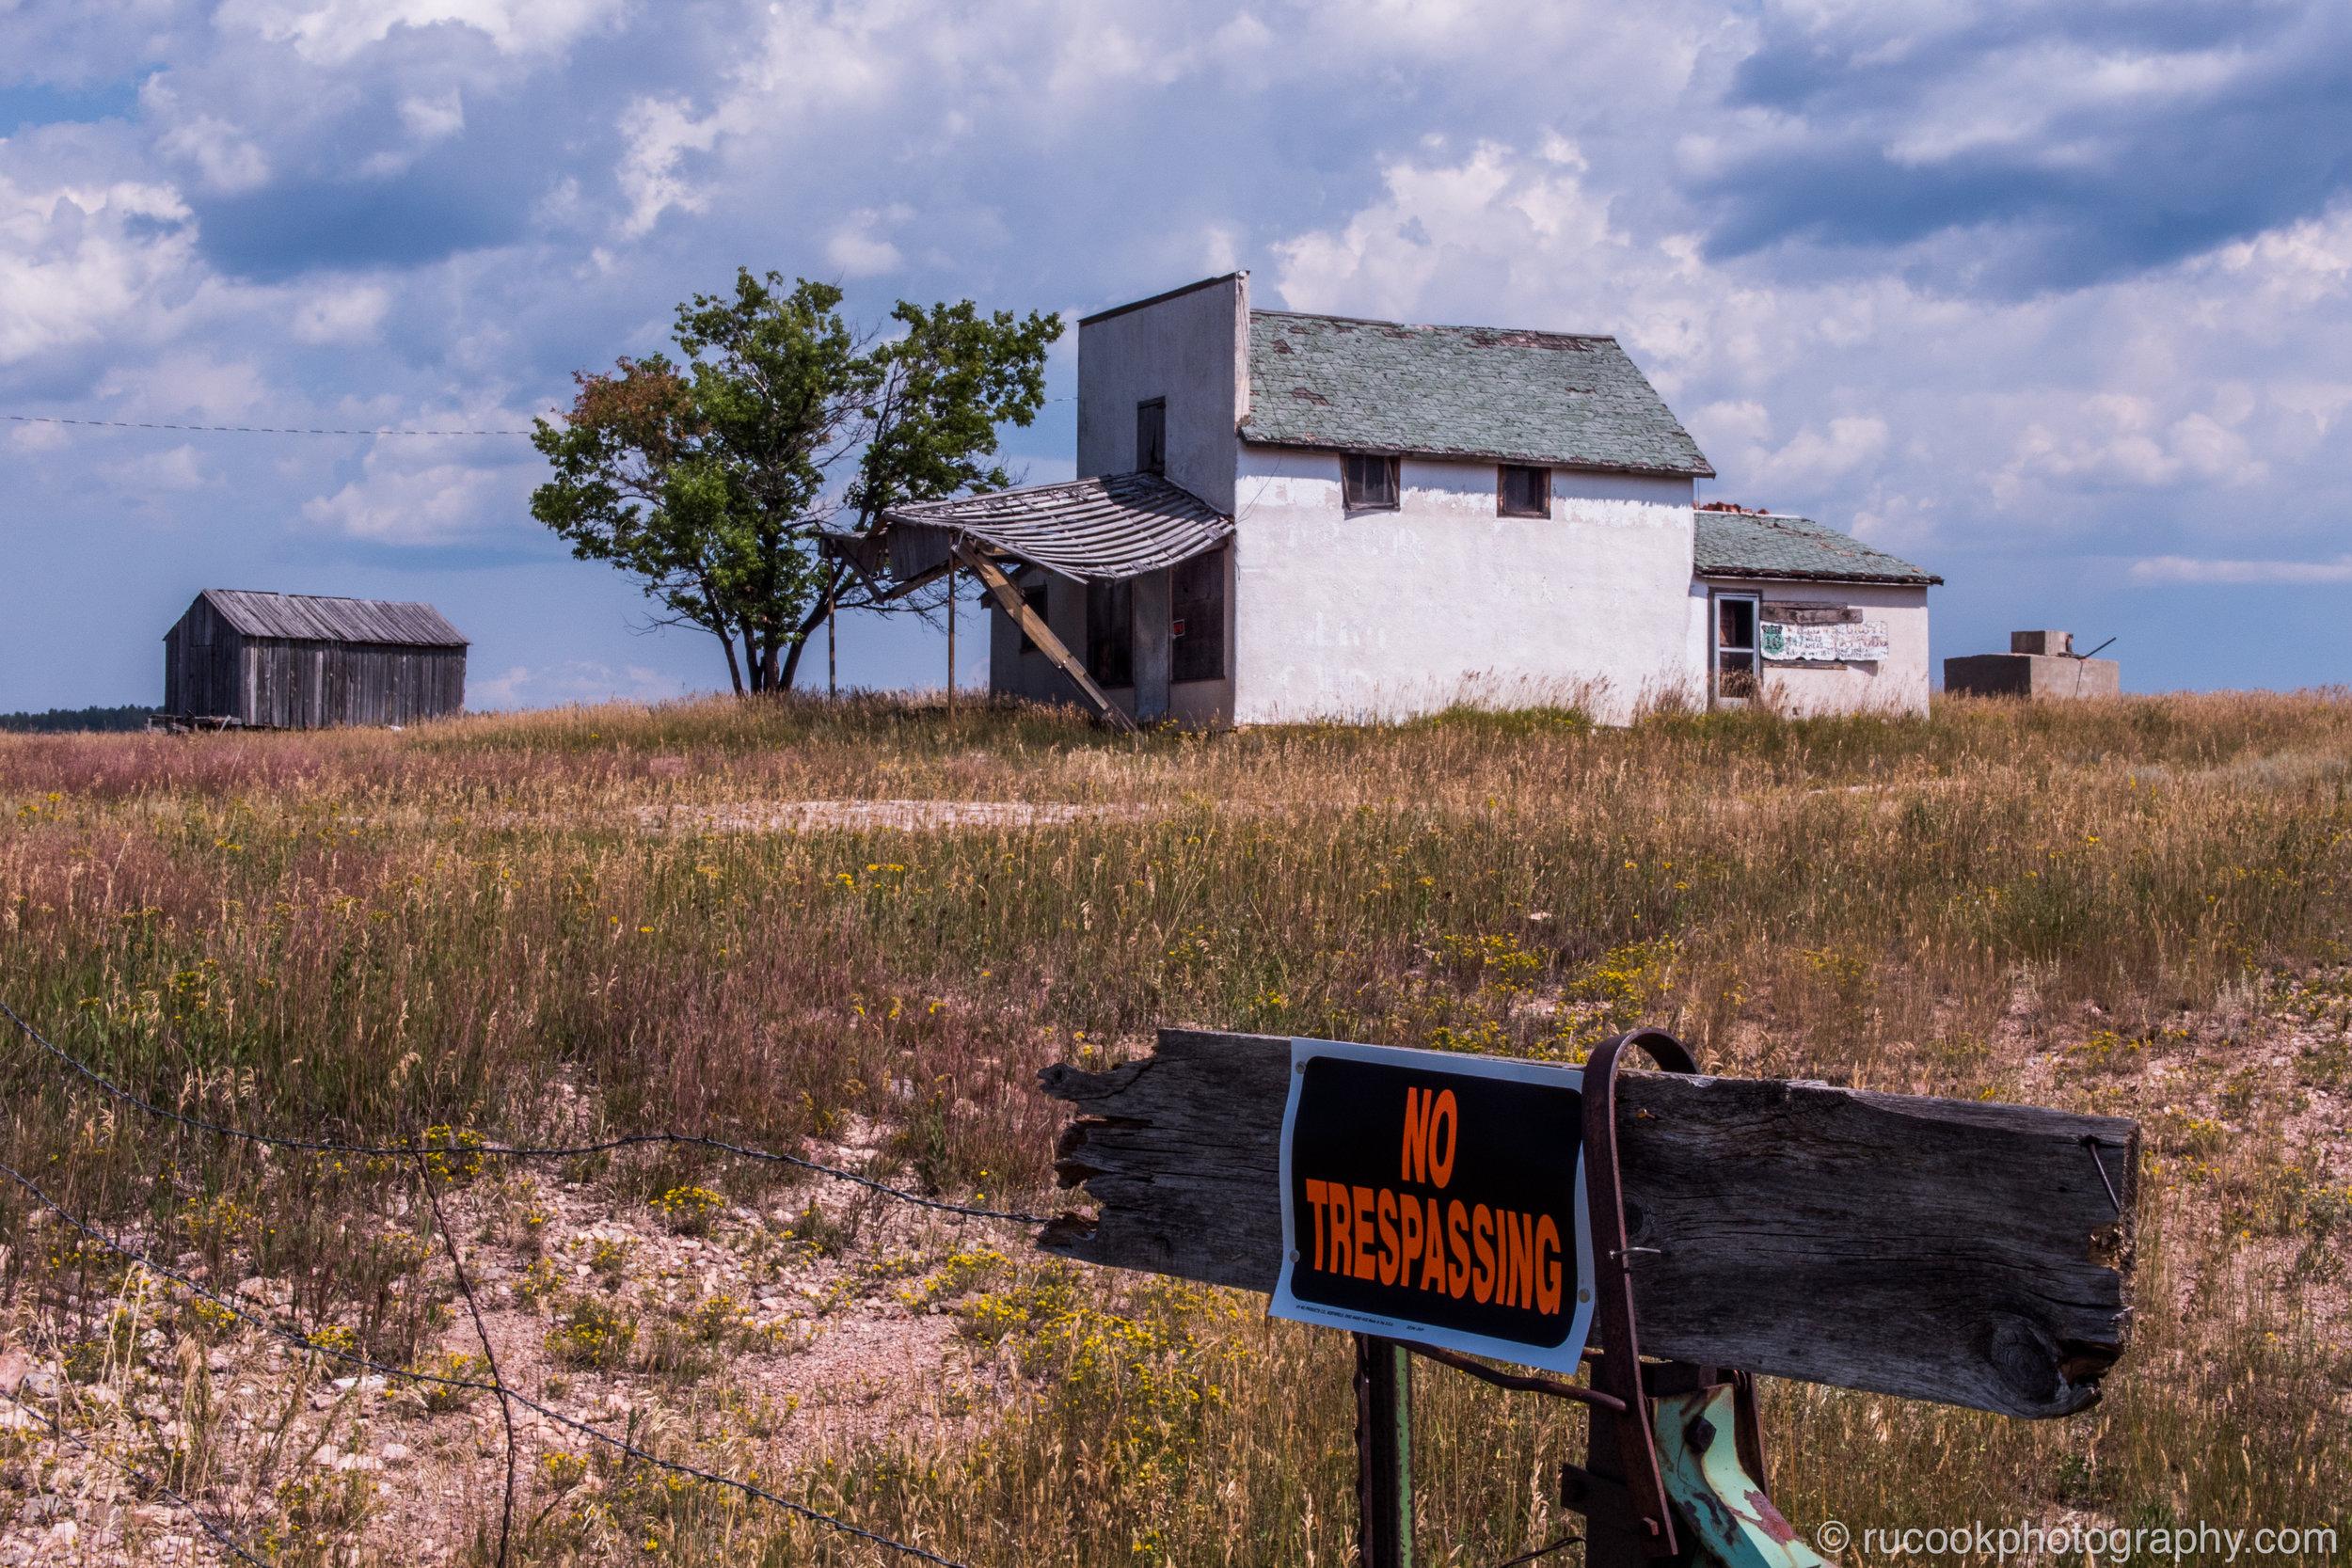 Abandoned Shack#1